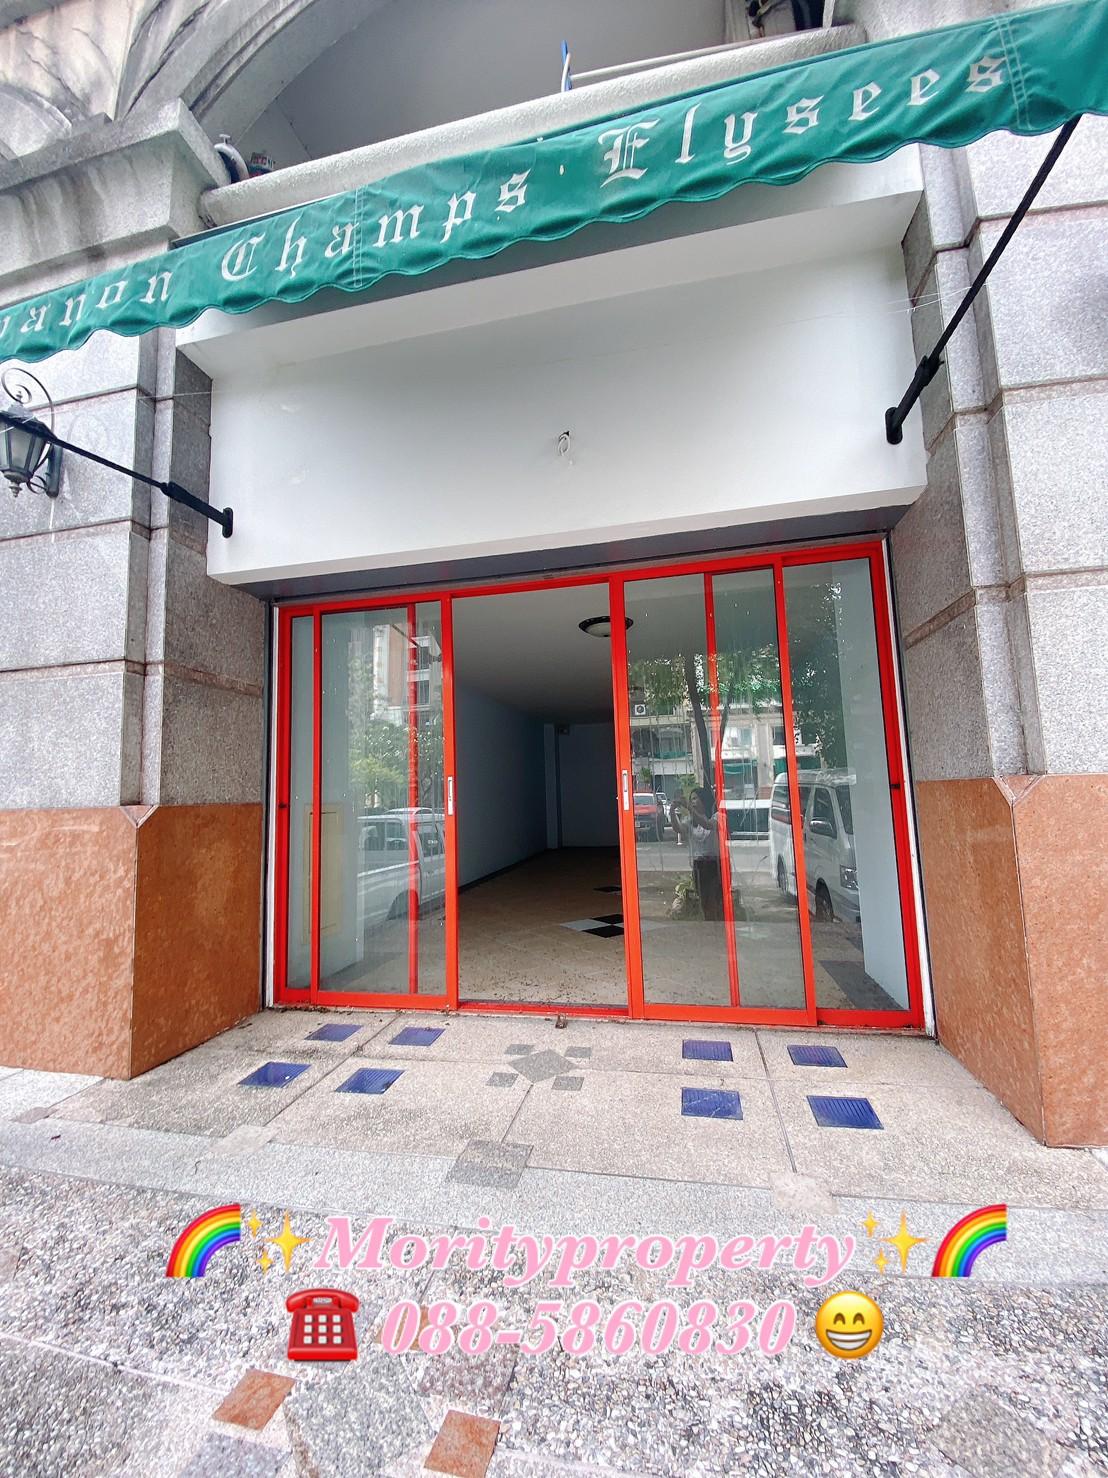 ขายคอนโด ฌ็องเซลิเซ่ ติวานนท์ อาคารเจ ชั้น1 ( 3 ห้องติดกัน) ติดต่อ :K.Tri  / โทร. 088-5860830